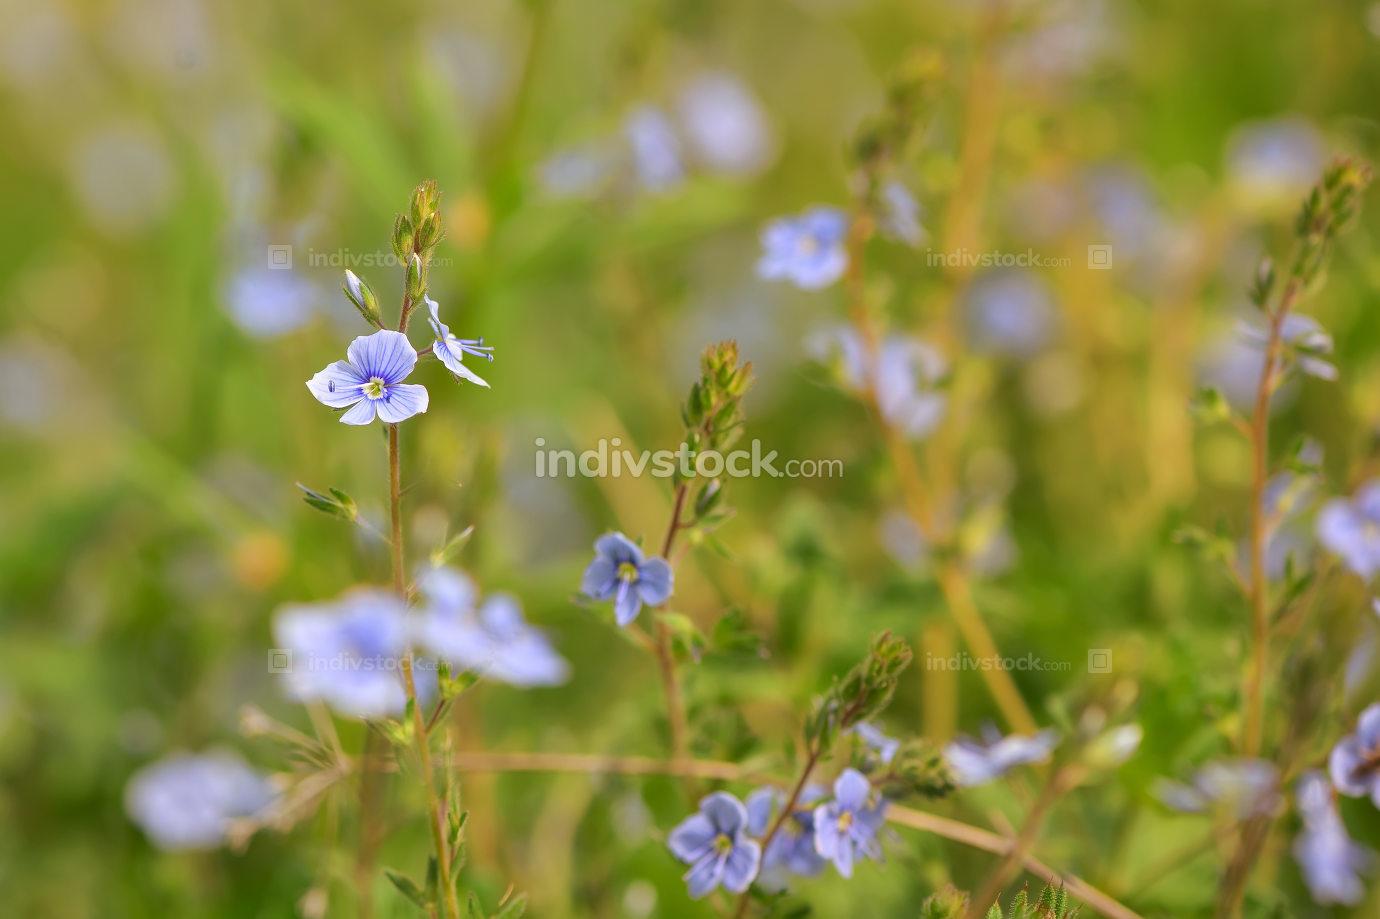 Nemophila flower field, blue flowers